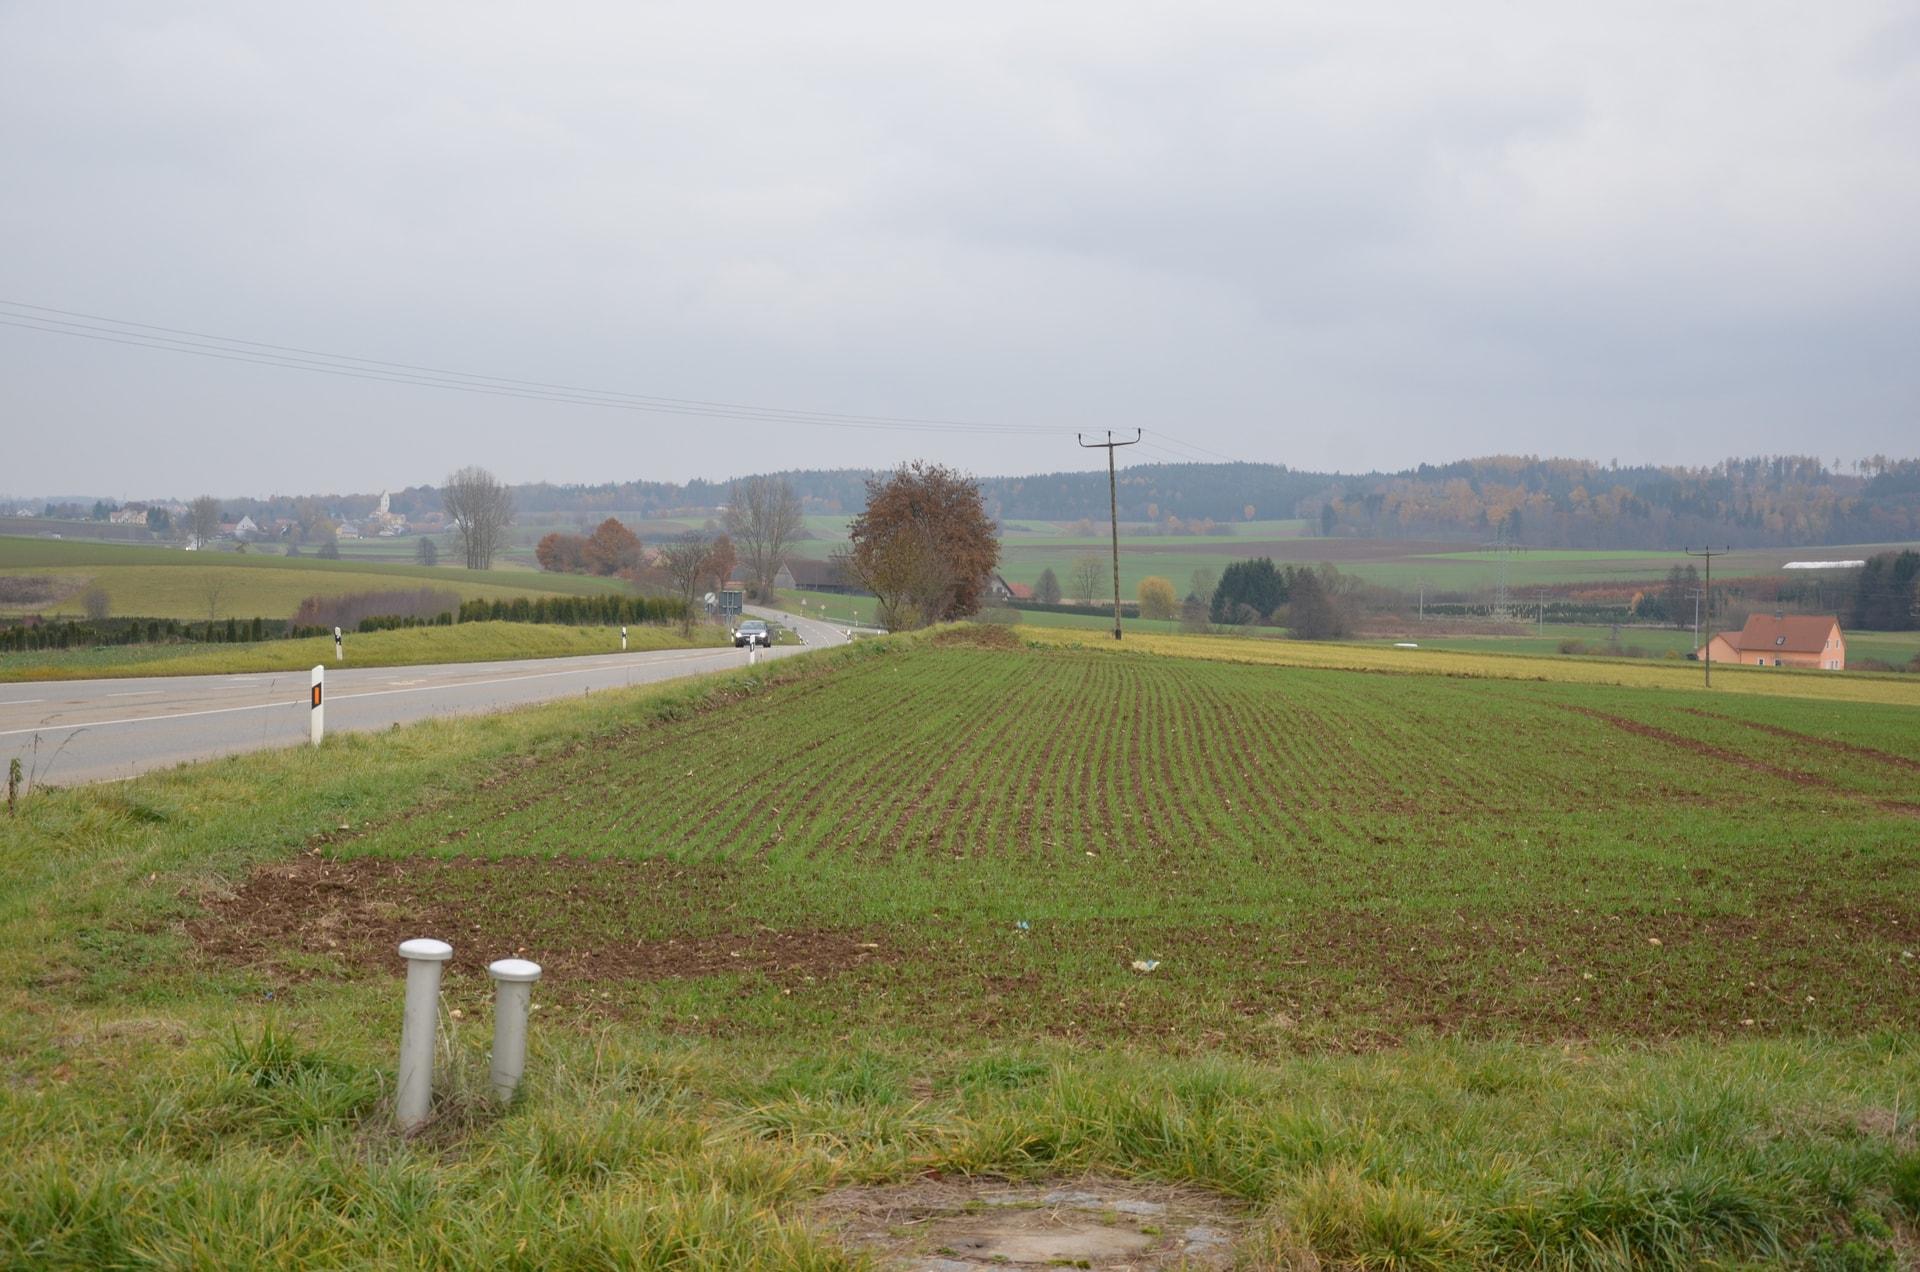 Südspange R 30: Nächstes Jahr geht's los Nach langem Rechtsstreit kann 2021 mit dem ersten Bauabschnitt bei Köfering begonnen werden